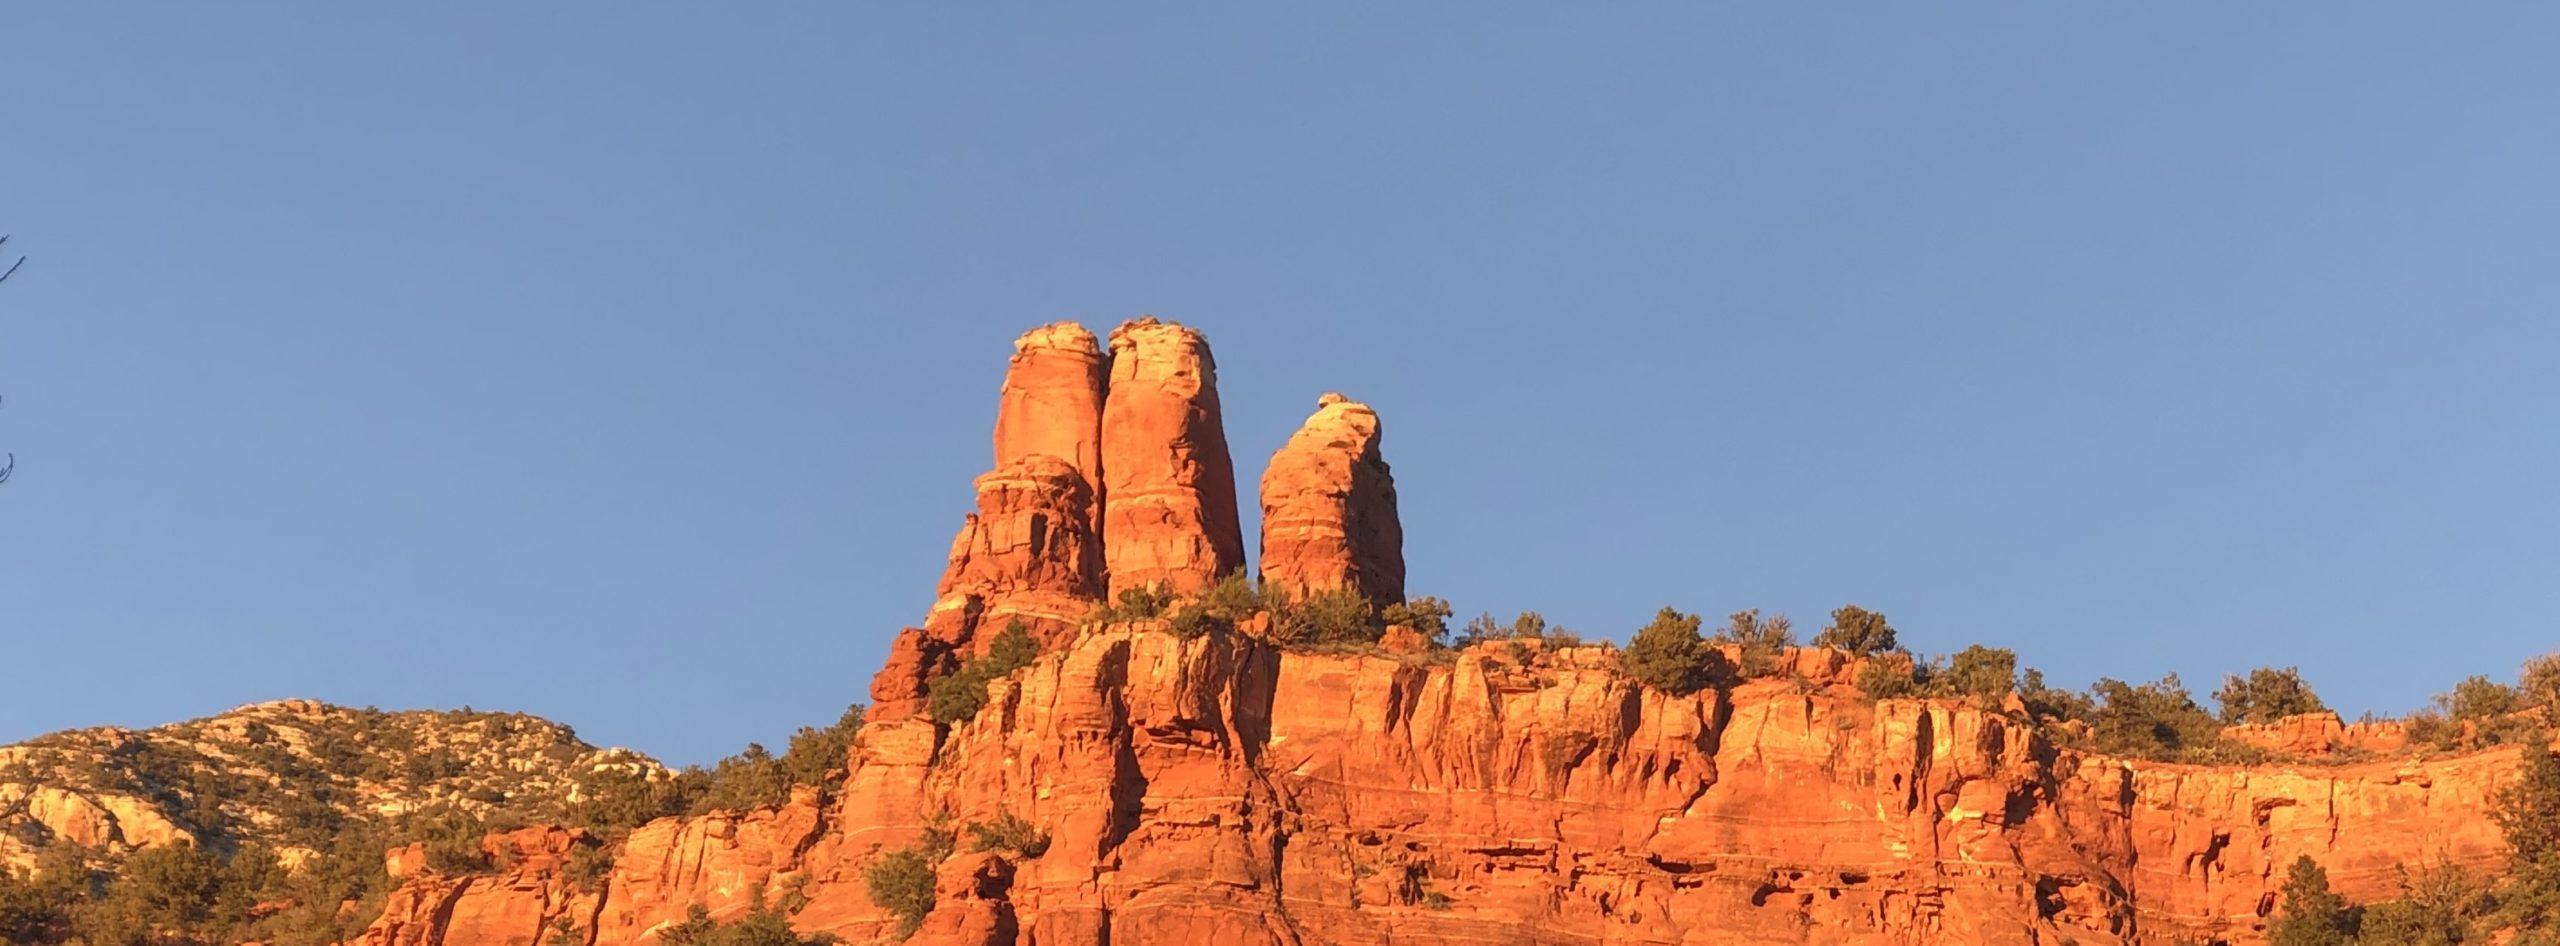 chimney rock in sedona